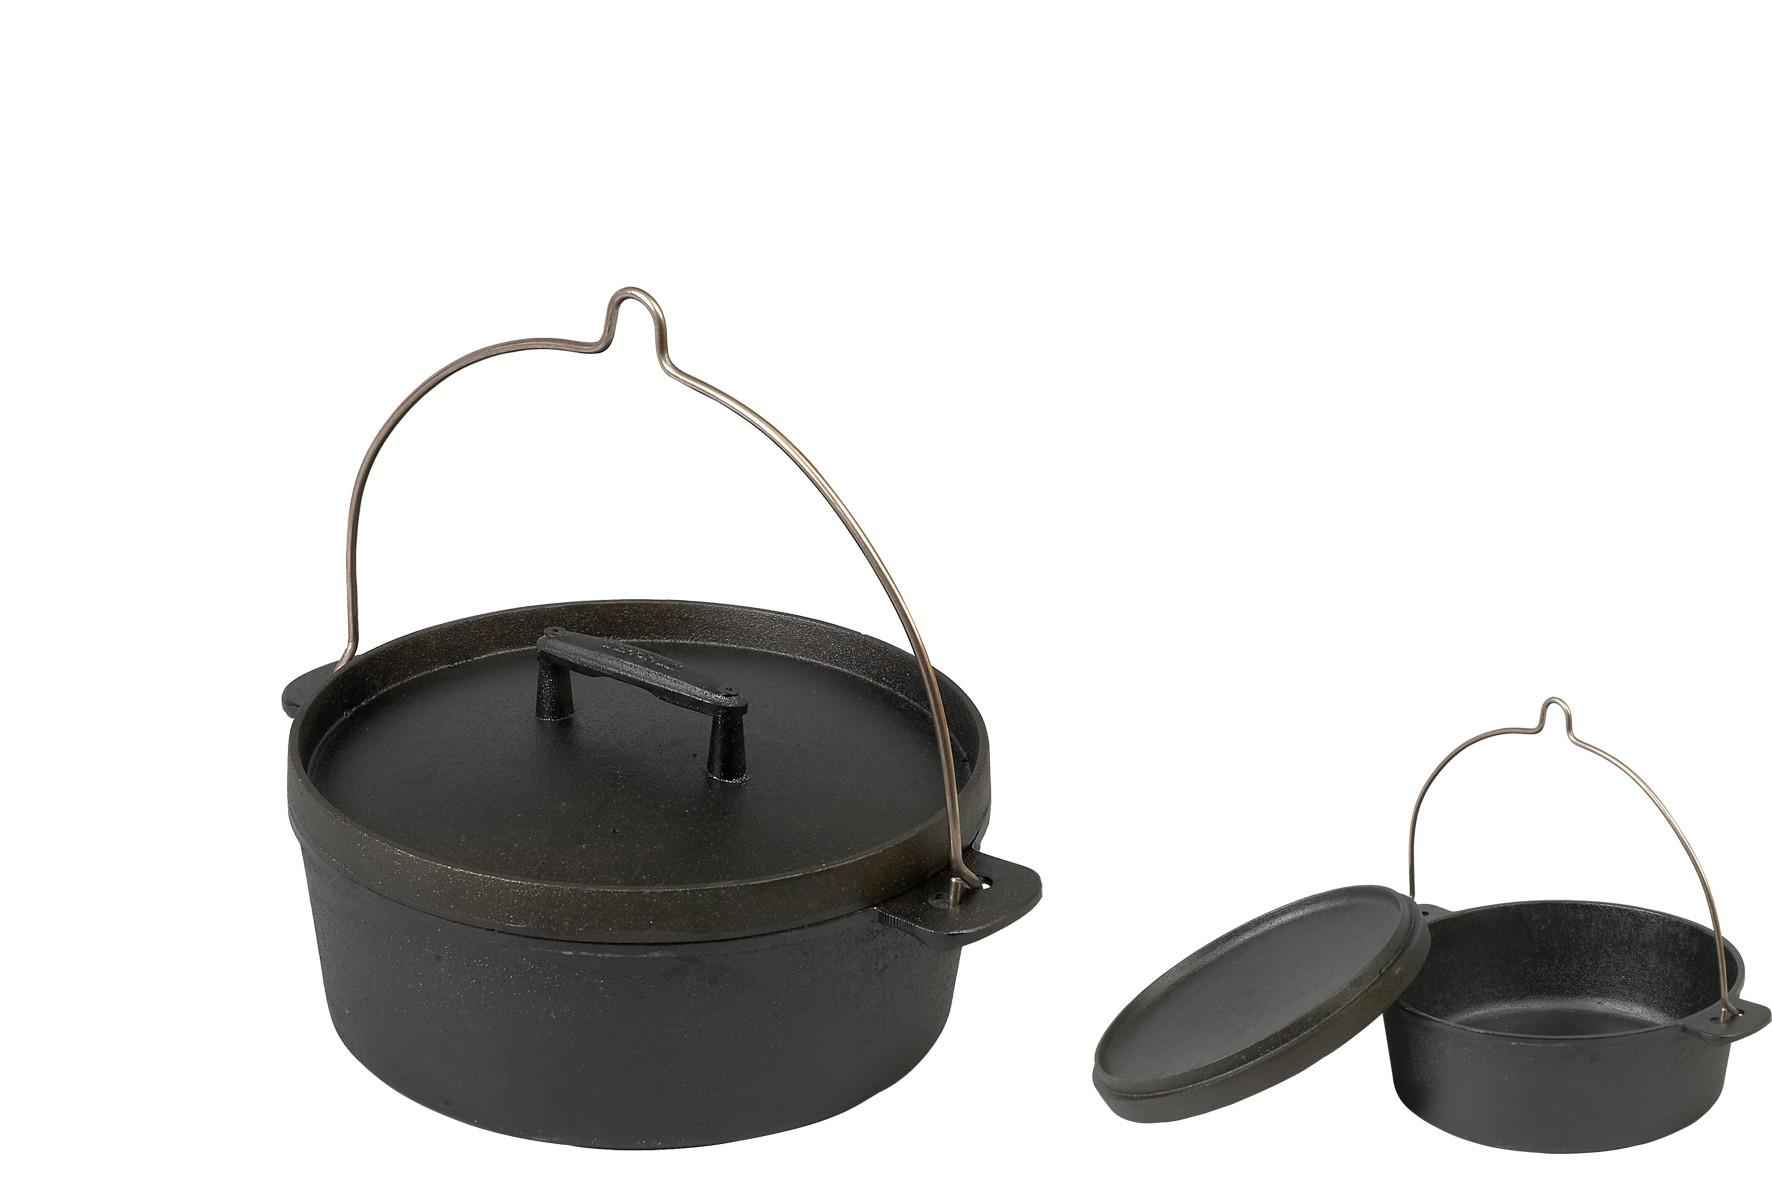 cocotte en fonte avec anse couvercle fonte skeppshult